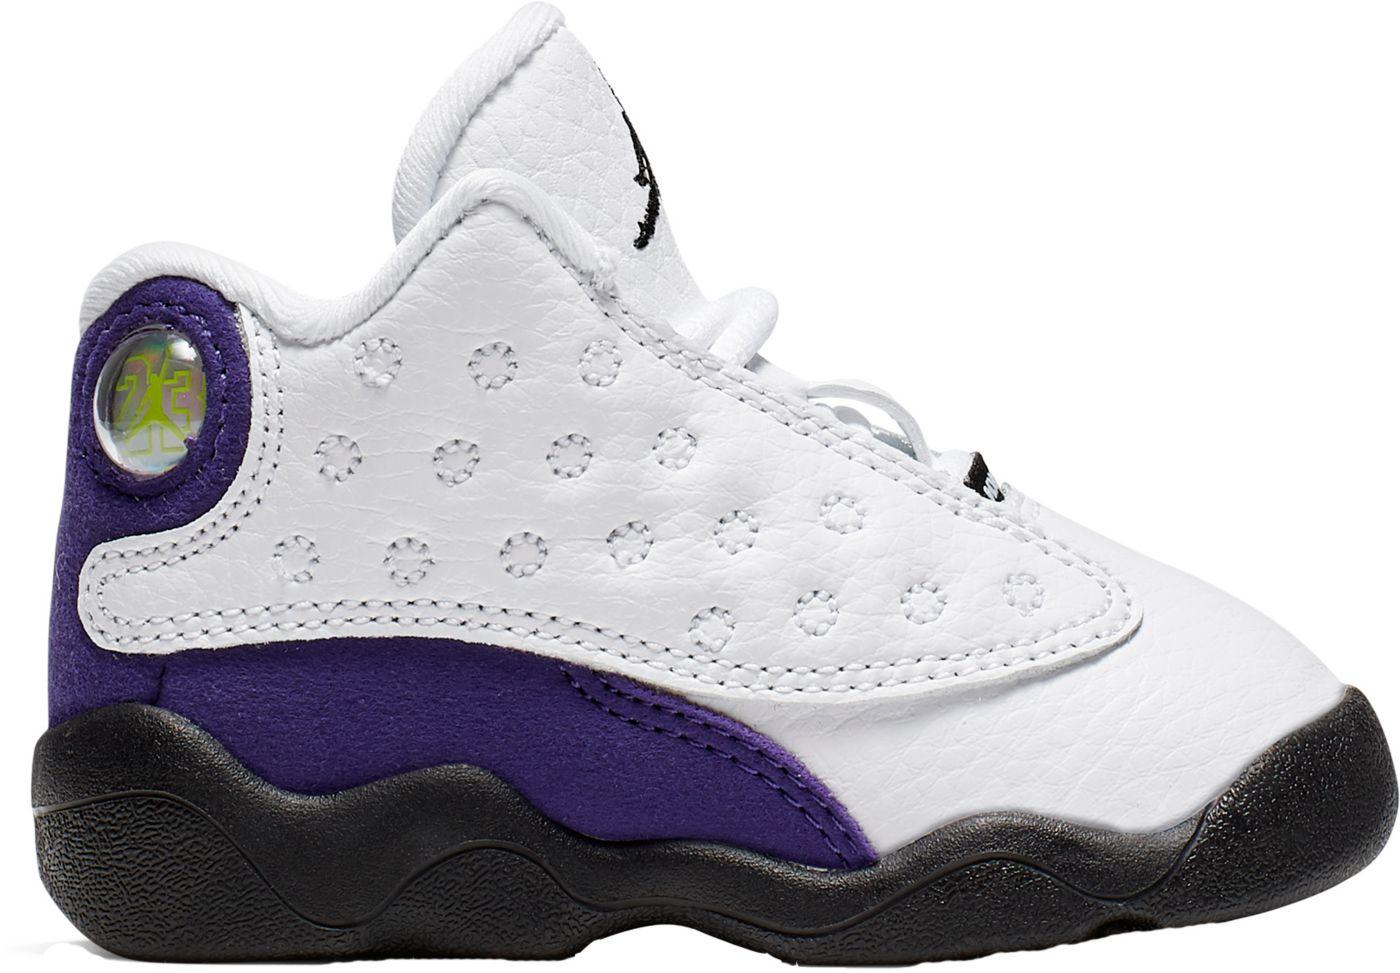 Jordan Toddler Air Jordan 13 Retro Basketball Shoes